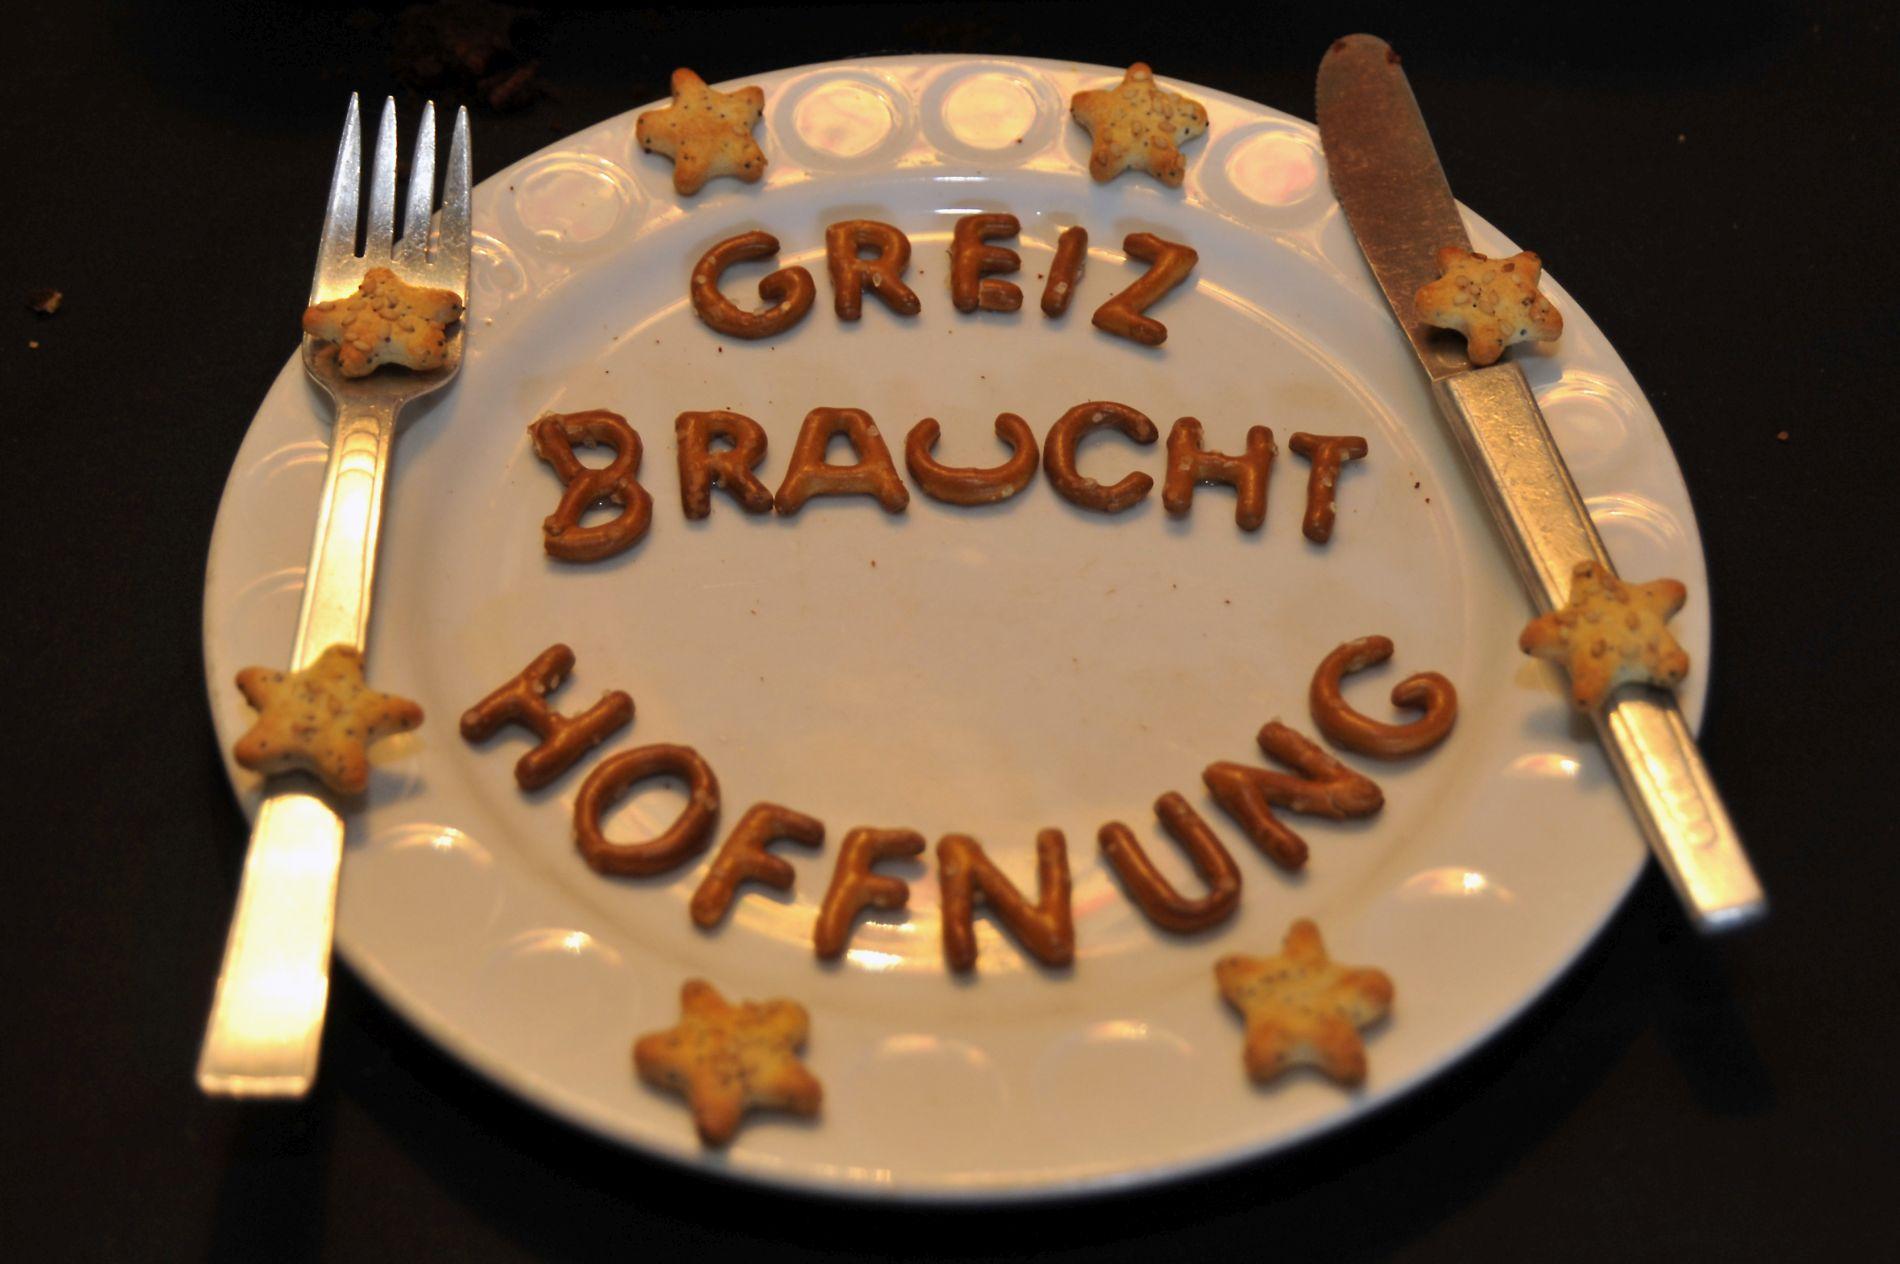 RB_012_XVIII_TH_2009_cafe_hoffnung_002_foto_karsten_schaarschmidt.jpg